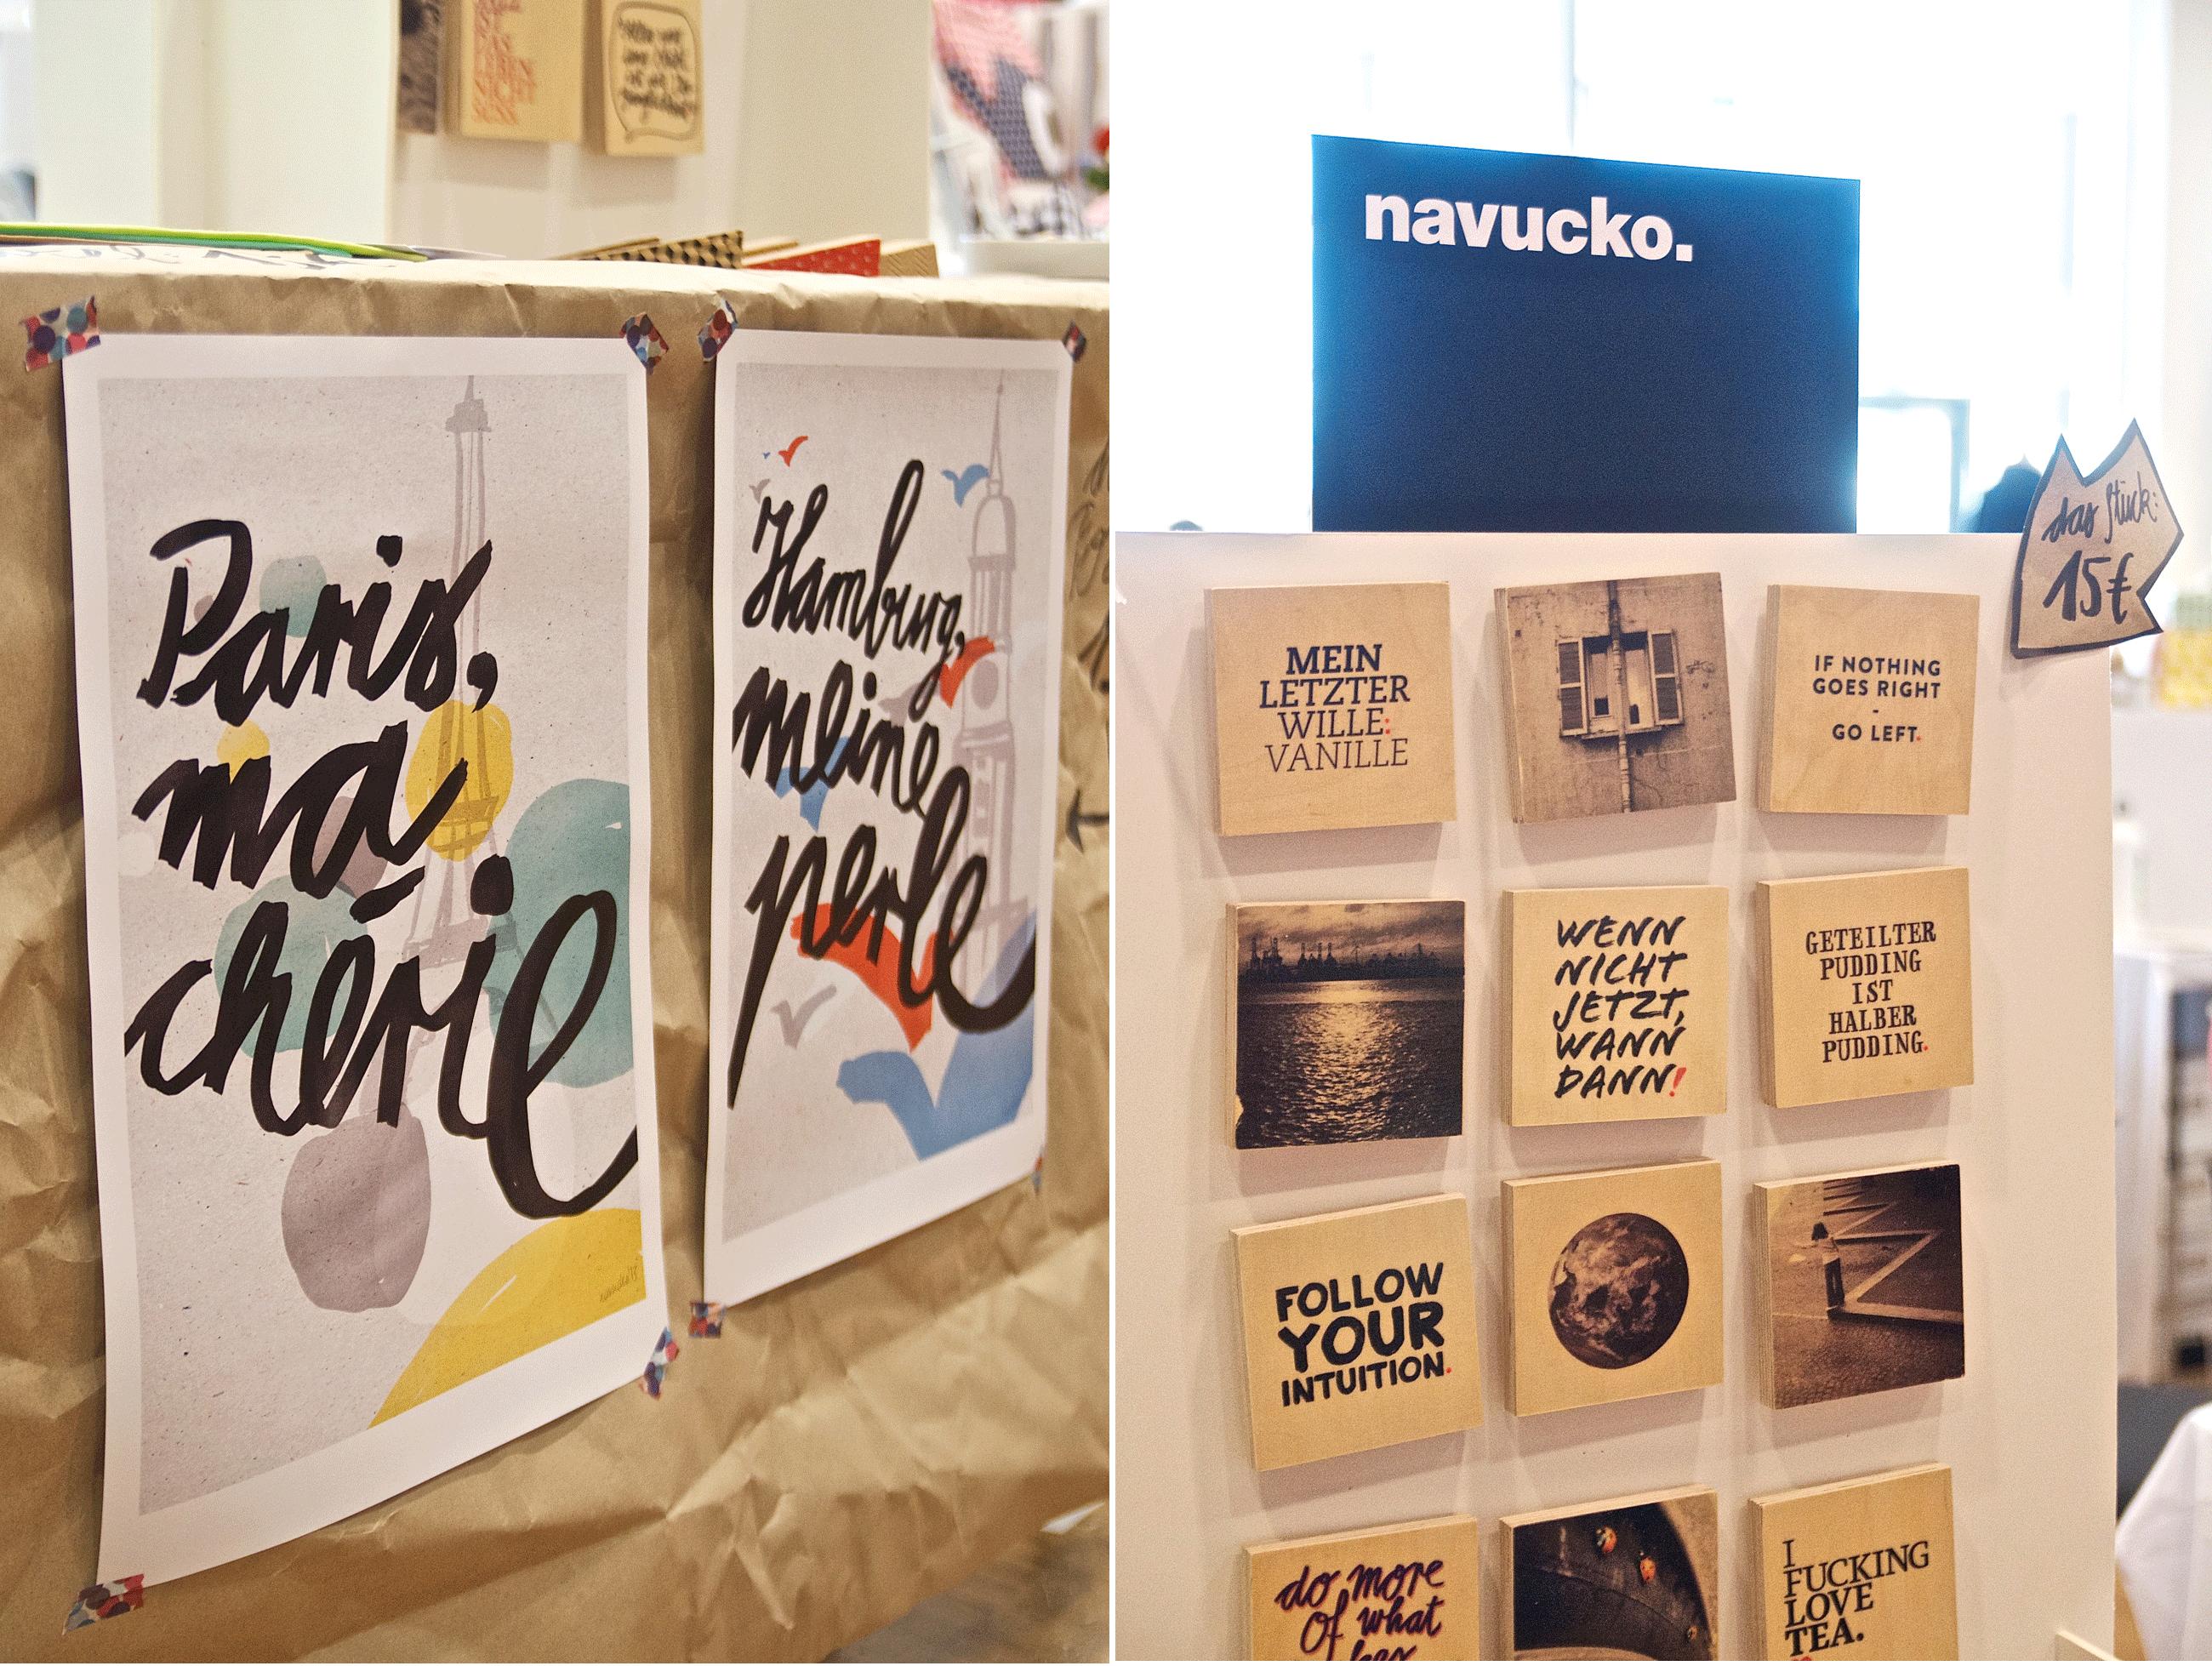 Feingemacht-Designmarkt-2013-Navucko-Poster